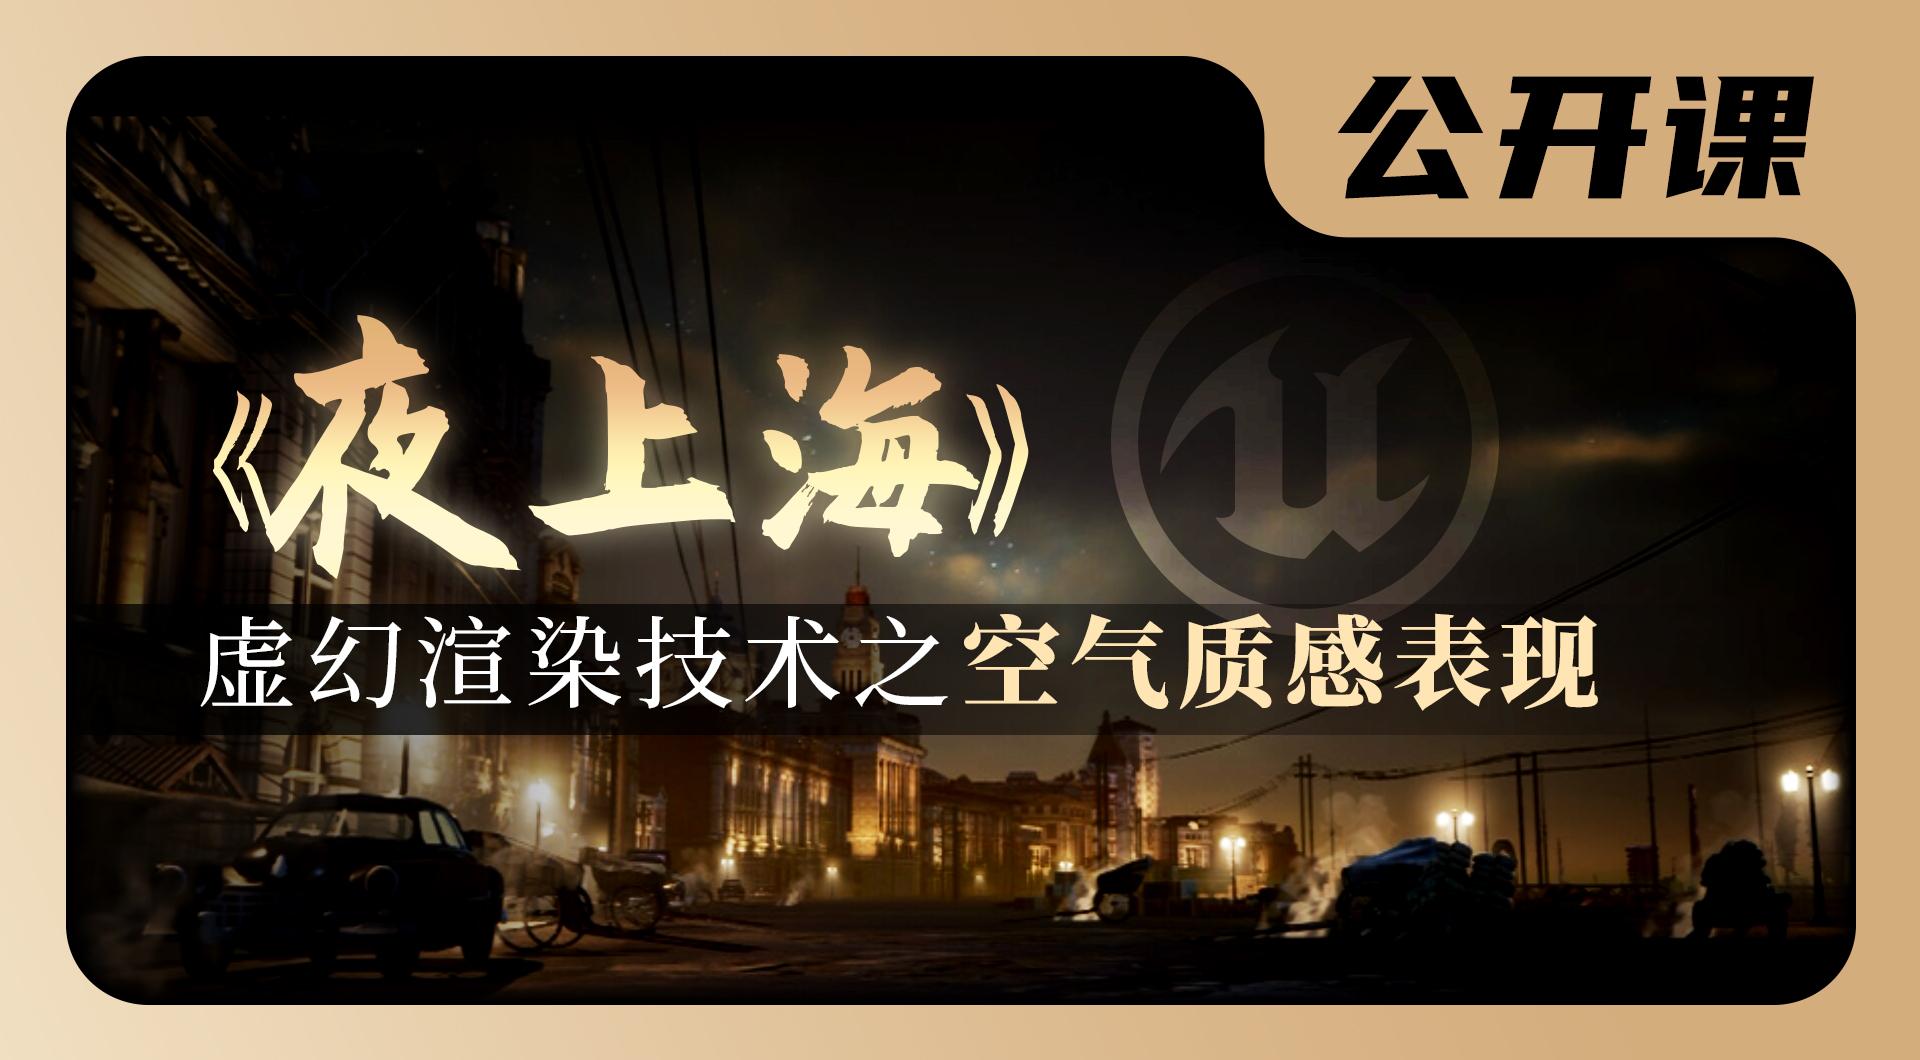 《夜上海》—虚幻渲染技术之空气质感表现公开课